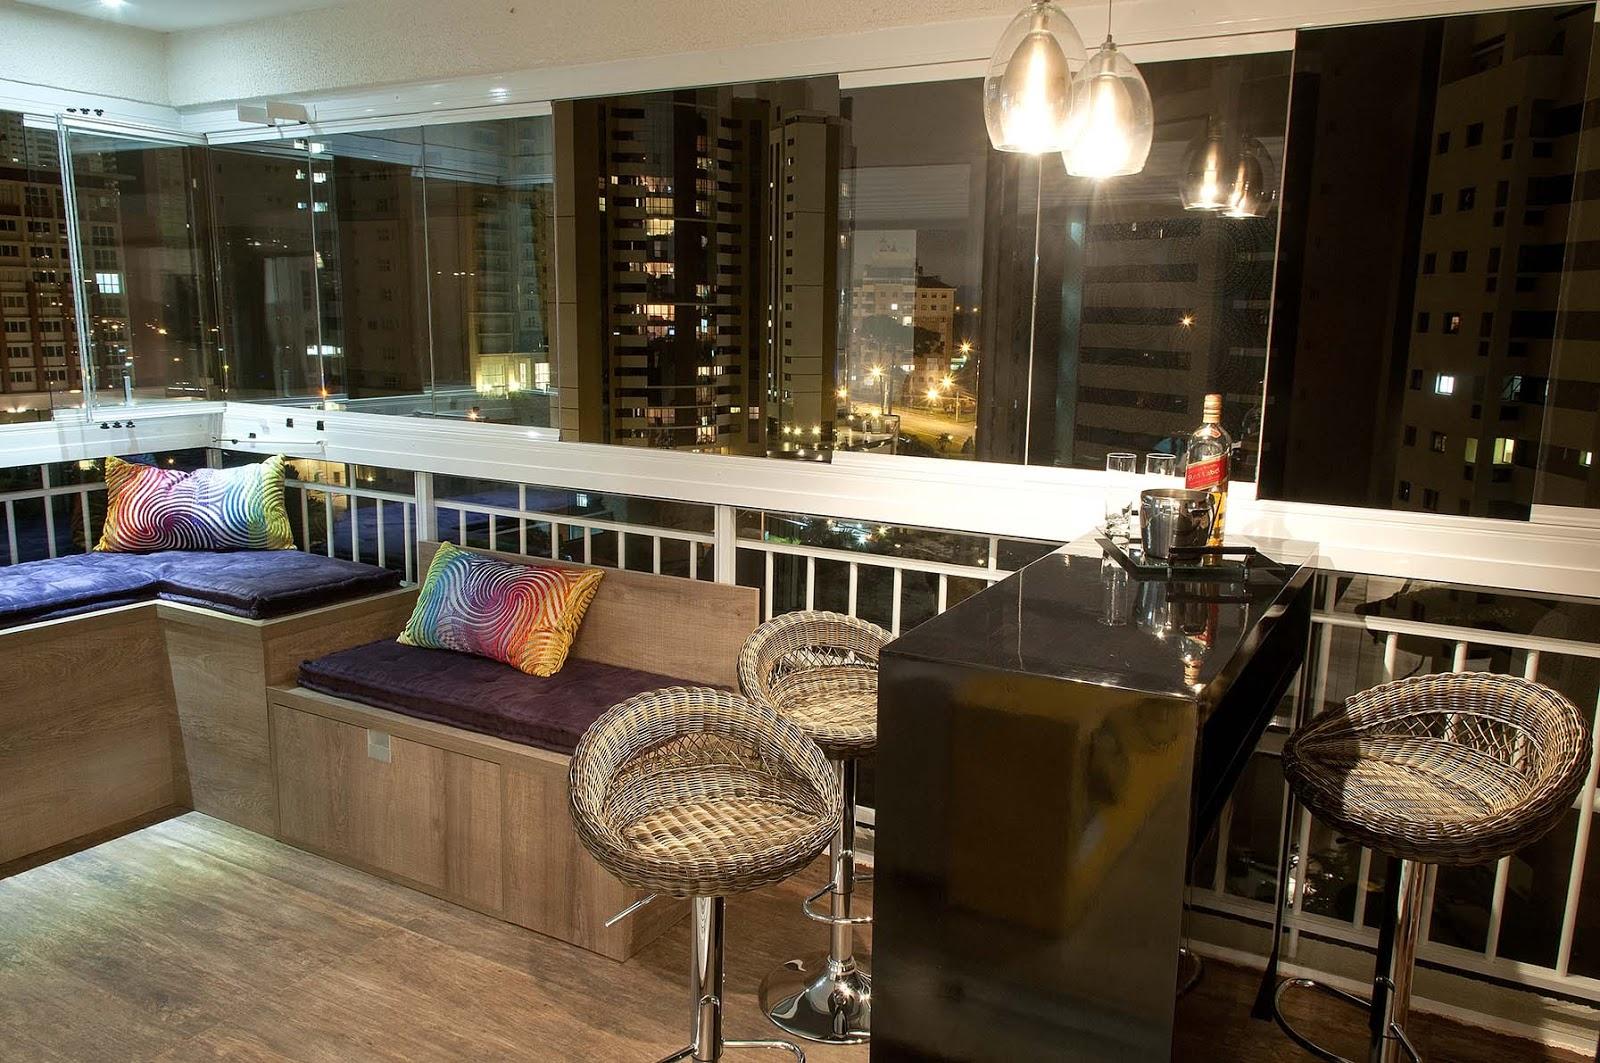 Espaço MoMe: Móveis planejados otimizam espaços em apartamentos #3C518F 1600 1063